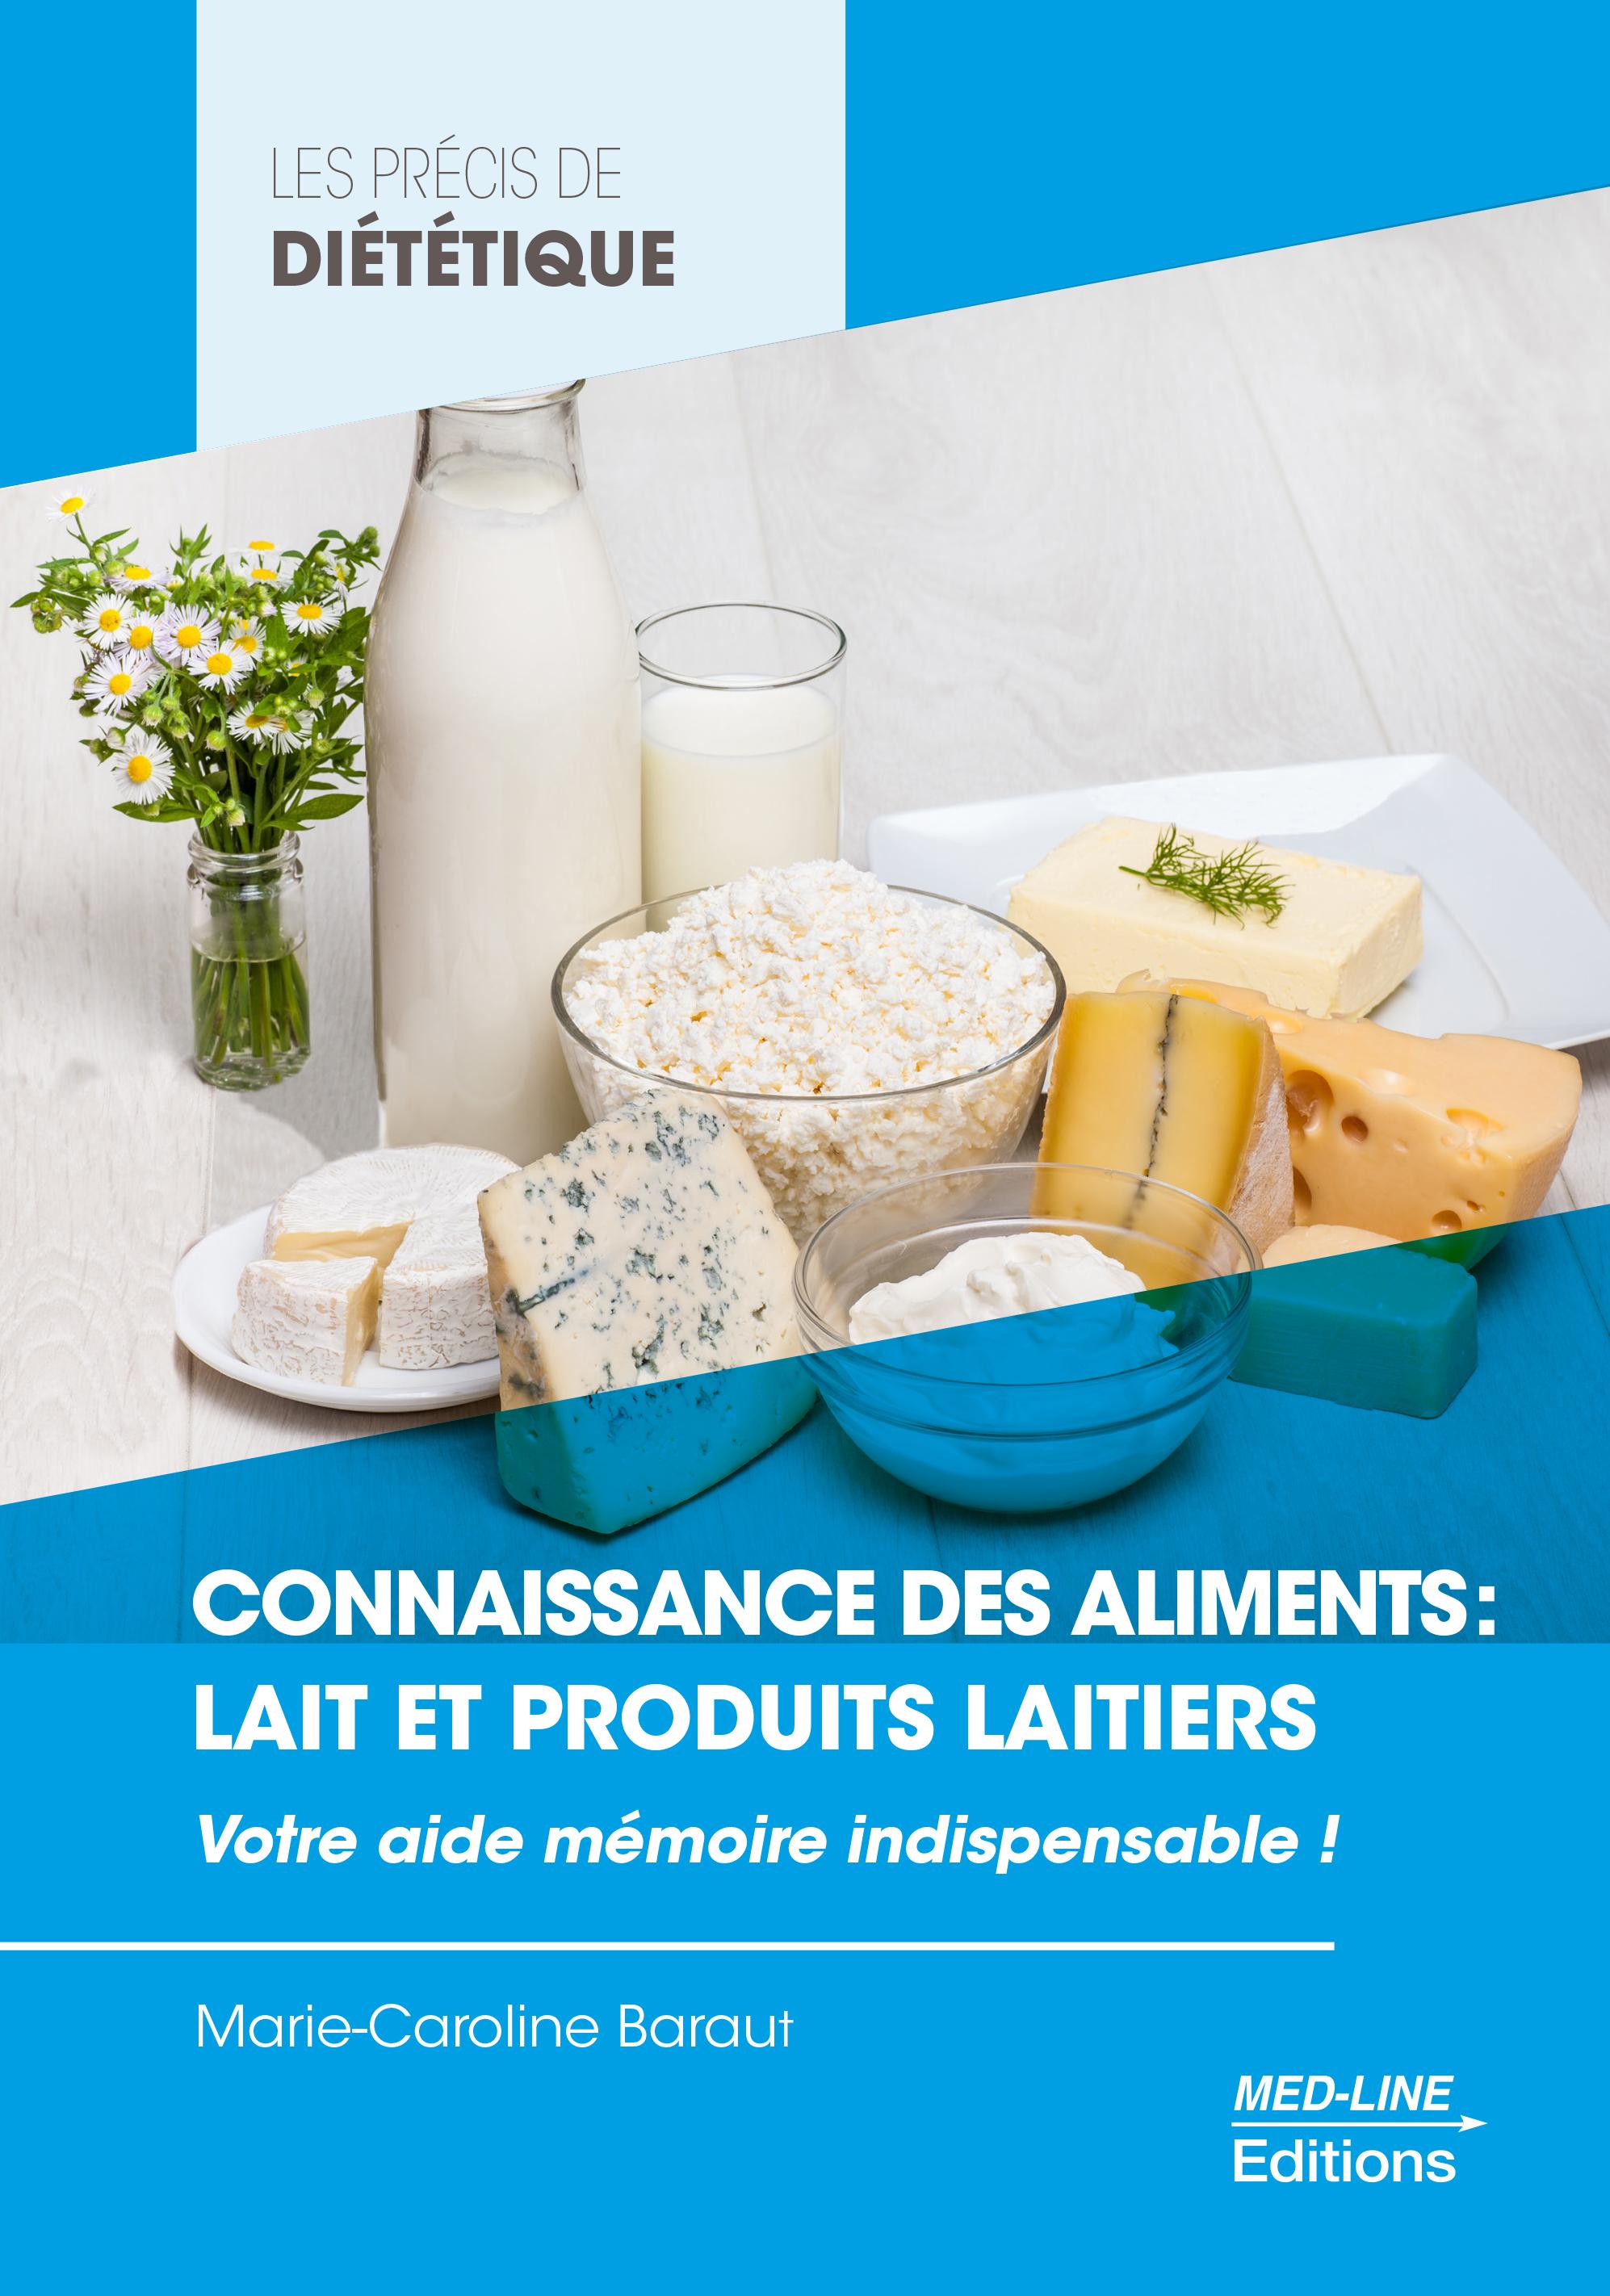 Connaissance des aliments : lait et produits laitiers